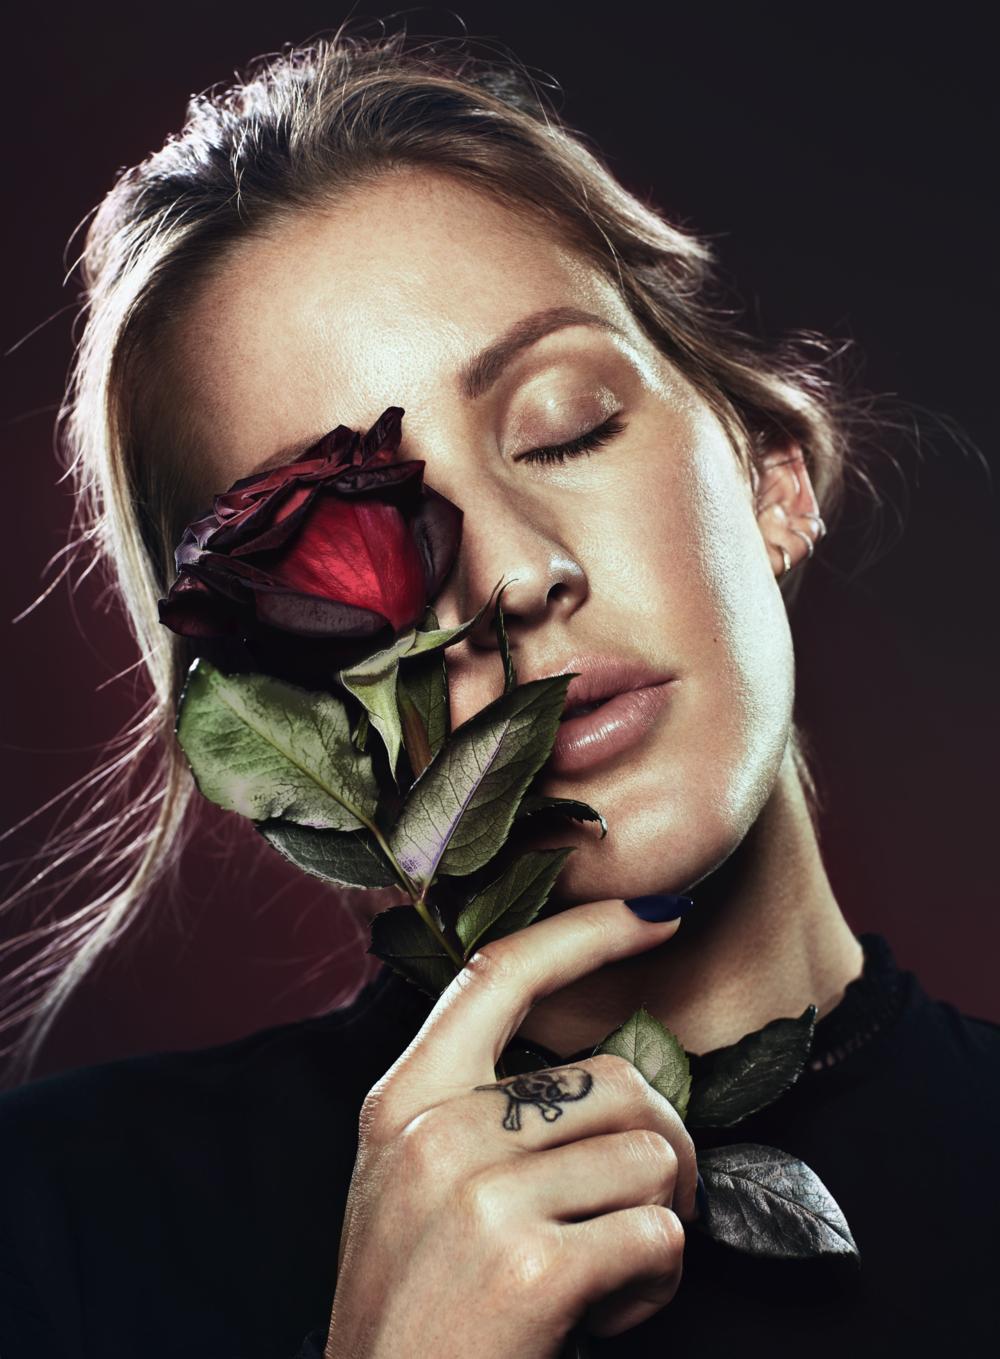 Karina Twiss | Stylist magazine